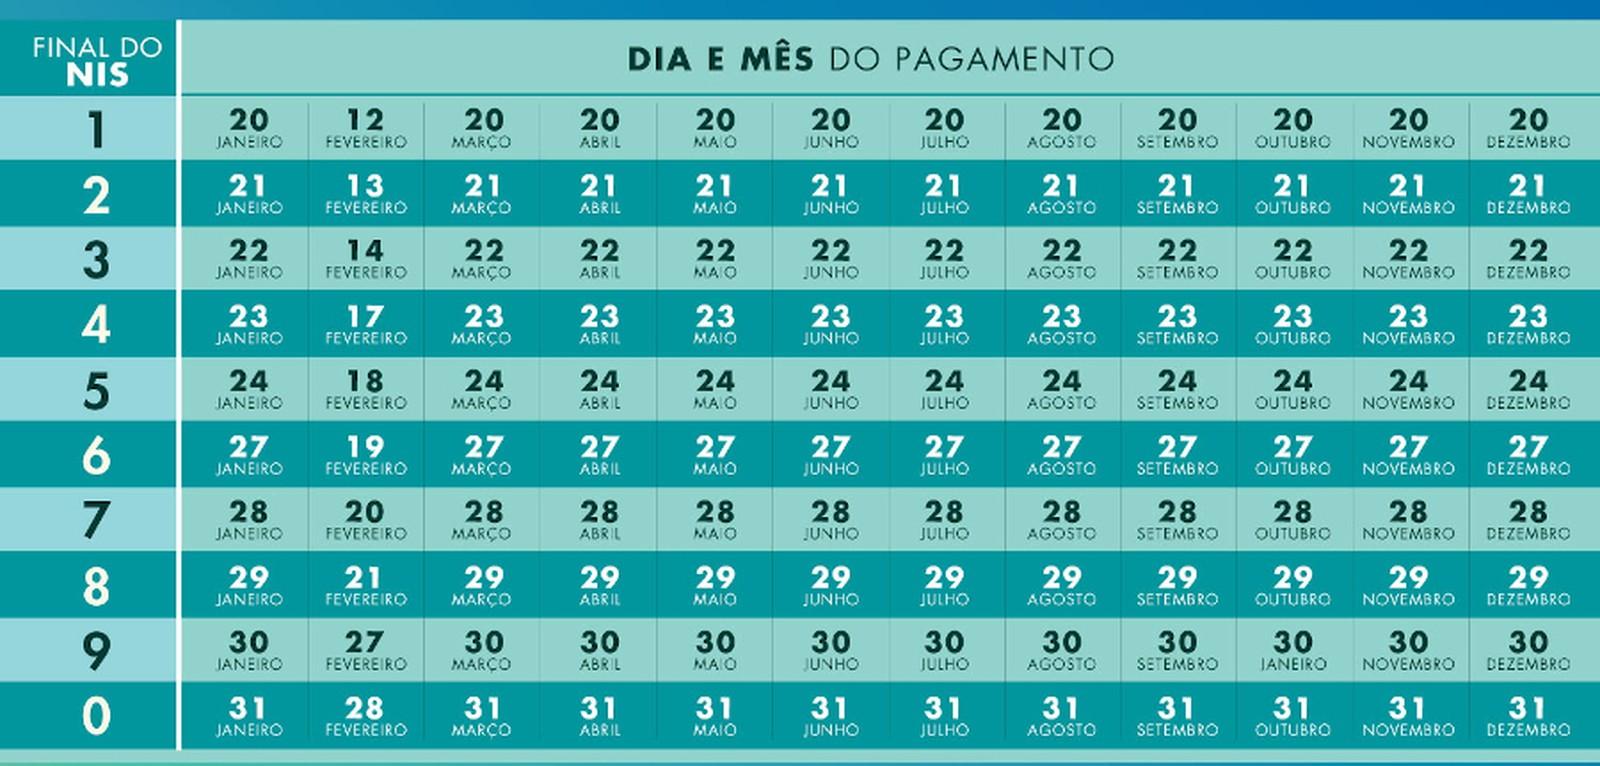 Calendario do Bolsa Familia em 2020 (imagem: Reprodução Secretaria Especial do Desenvolvimento Social